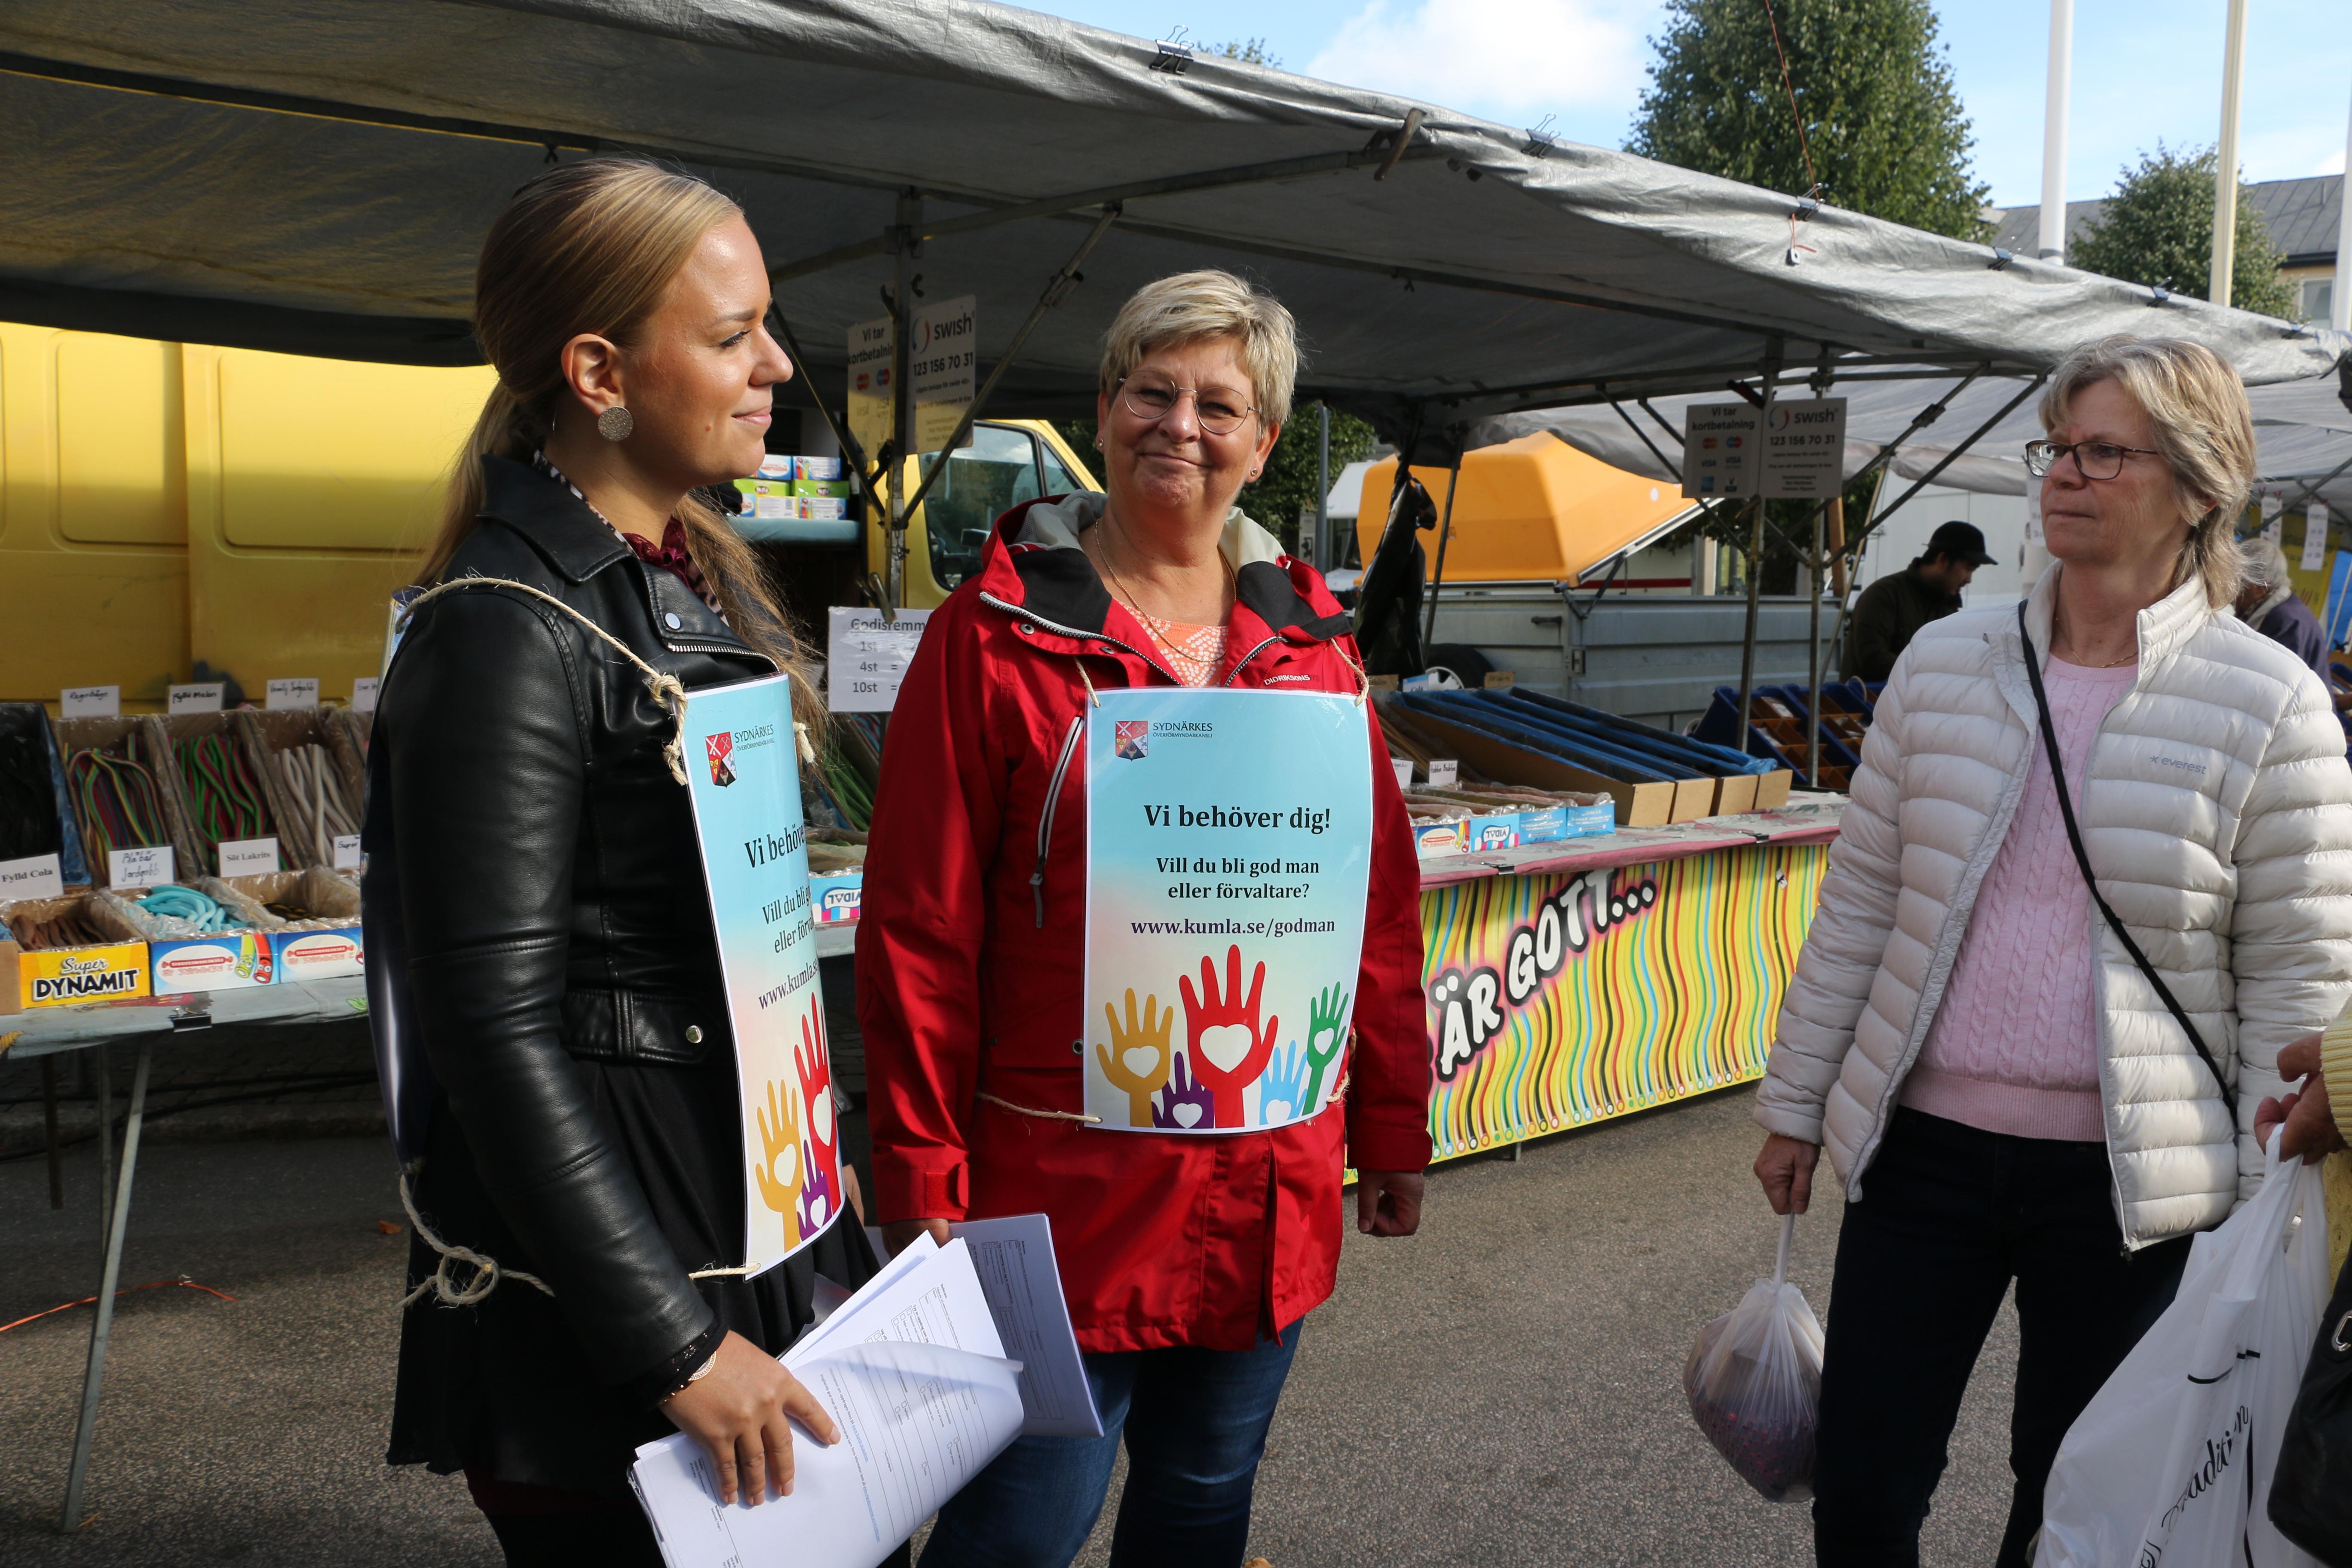 Behovet av gode män är stort i Sydnärke. Något som Sofia Wentzell och Maud Karlsson tog tillfället i akt att informera om på Kumlamarken.